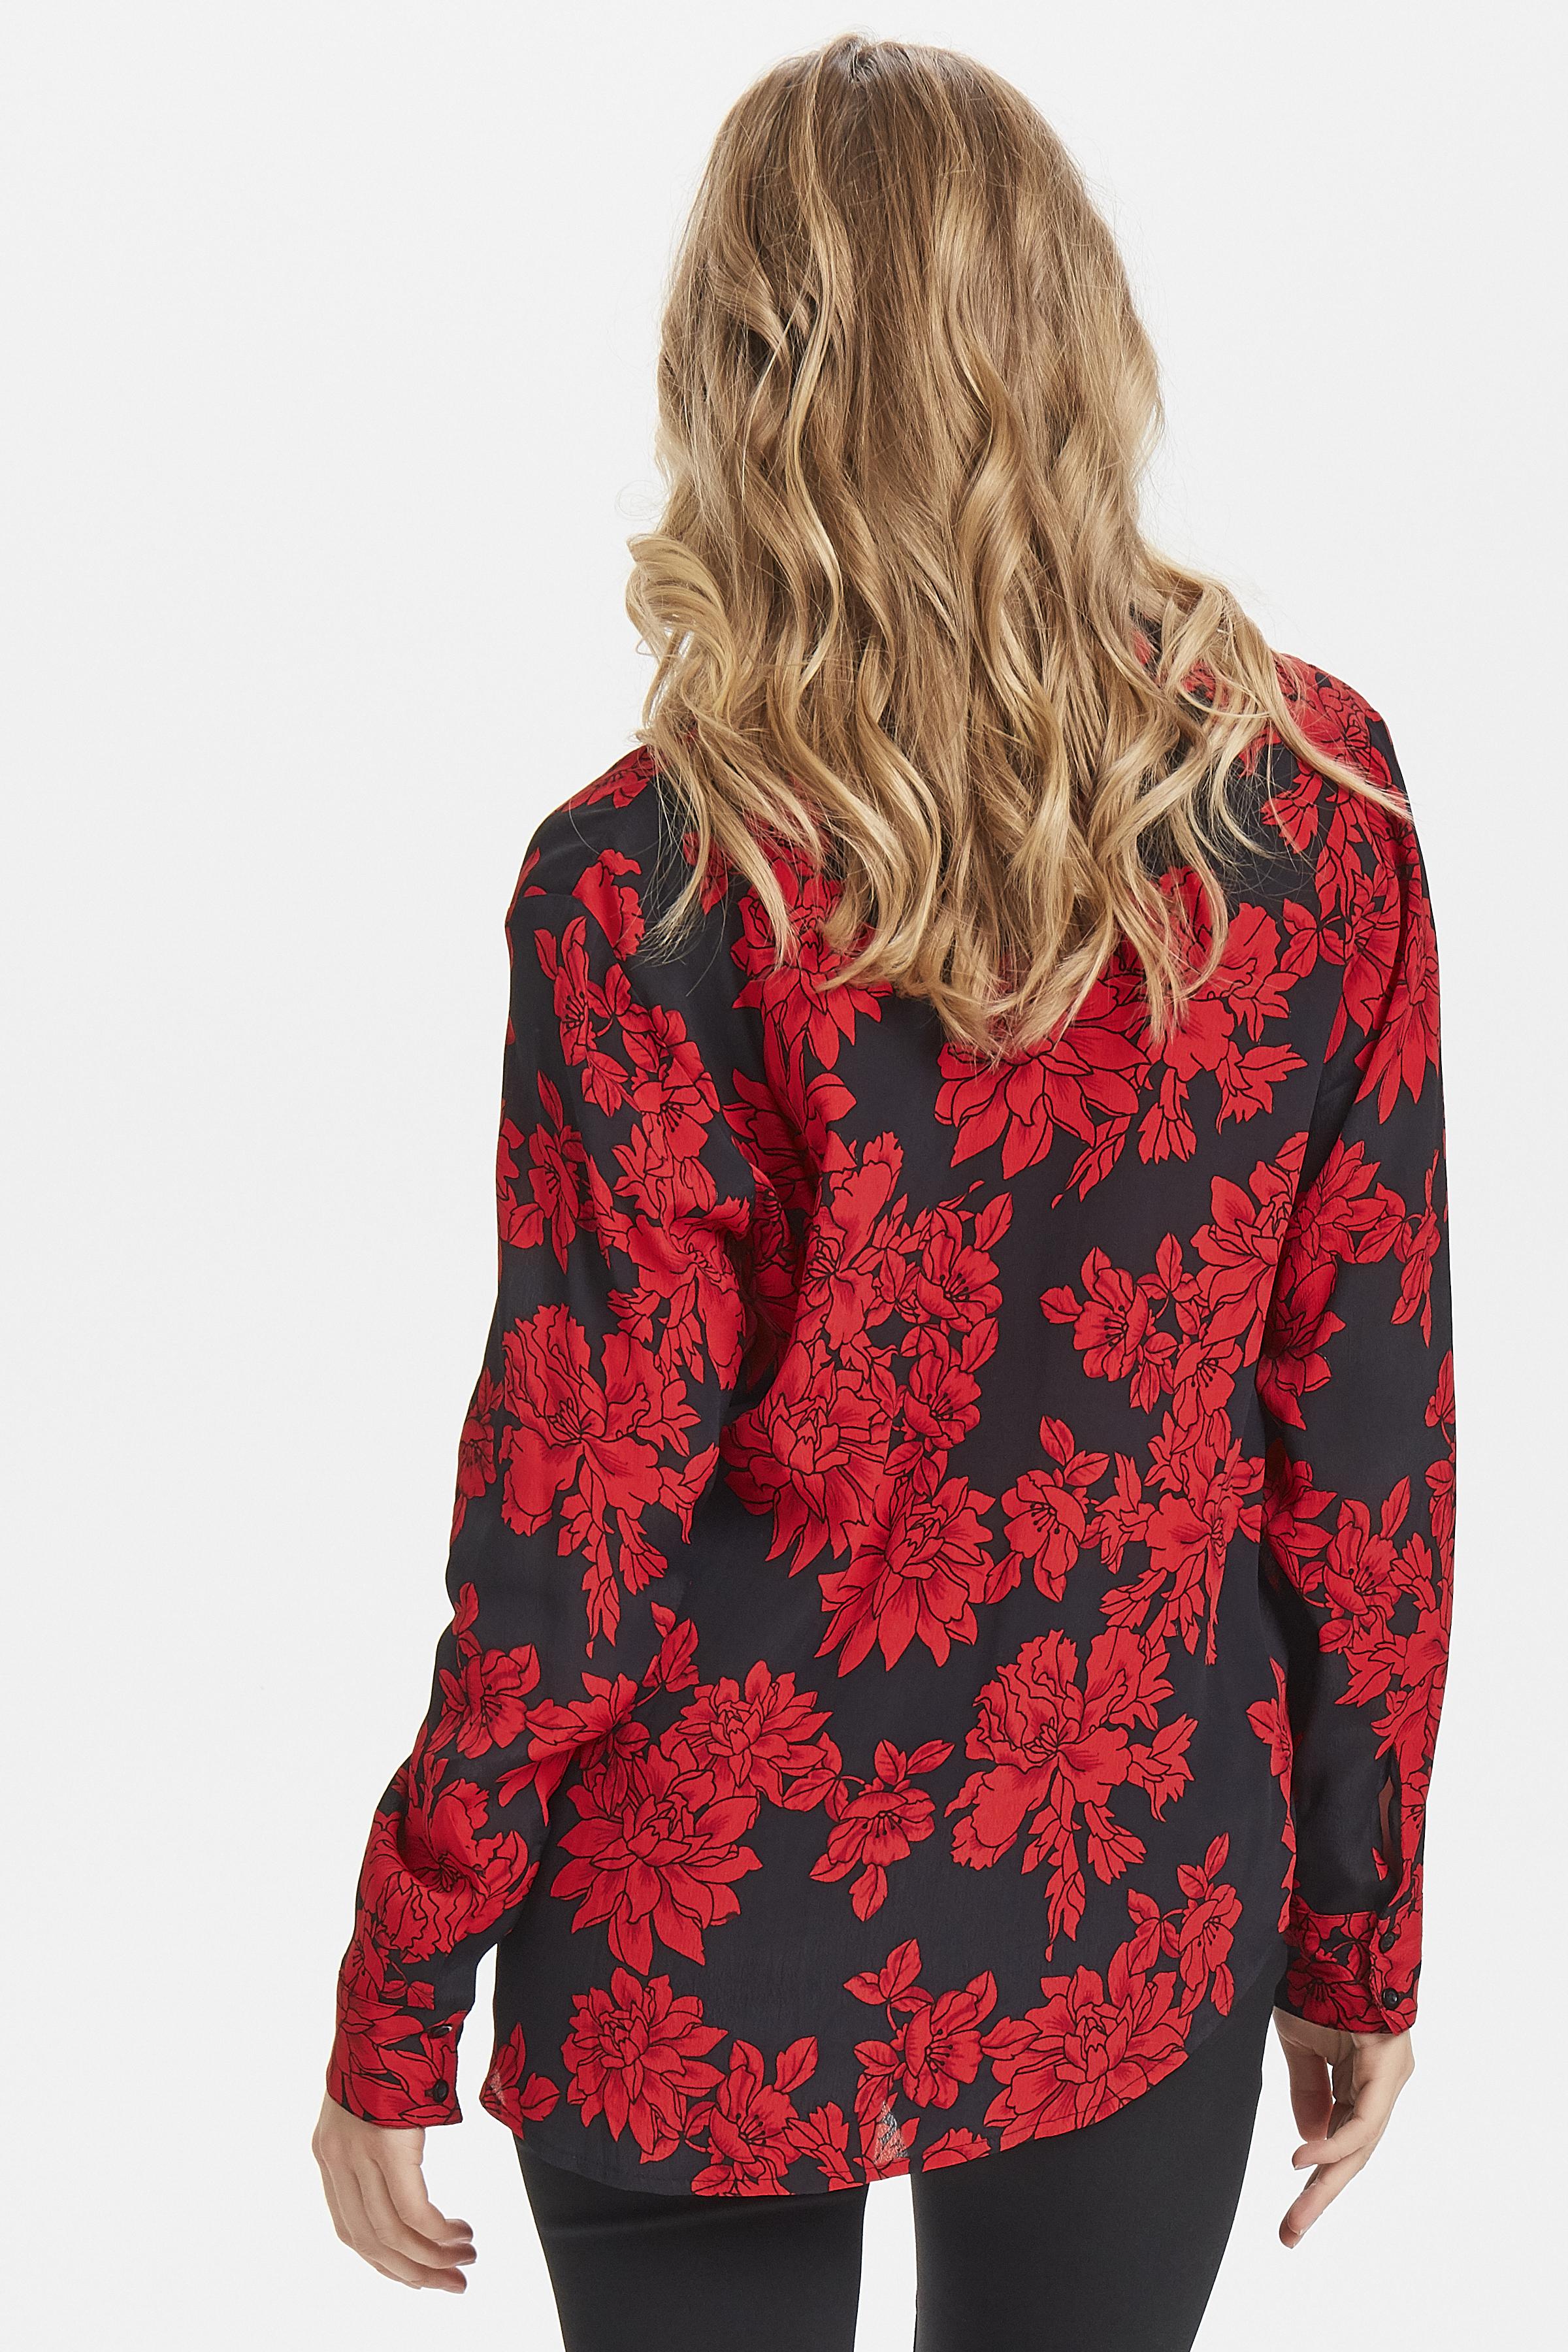 Black w. red flower Långärmad skjorta från b.young – Köp Black w. red flower Långärmad skjorta från storlek 36-44 här